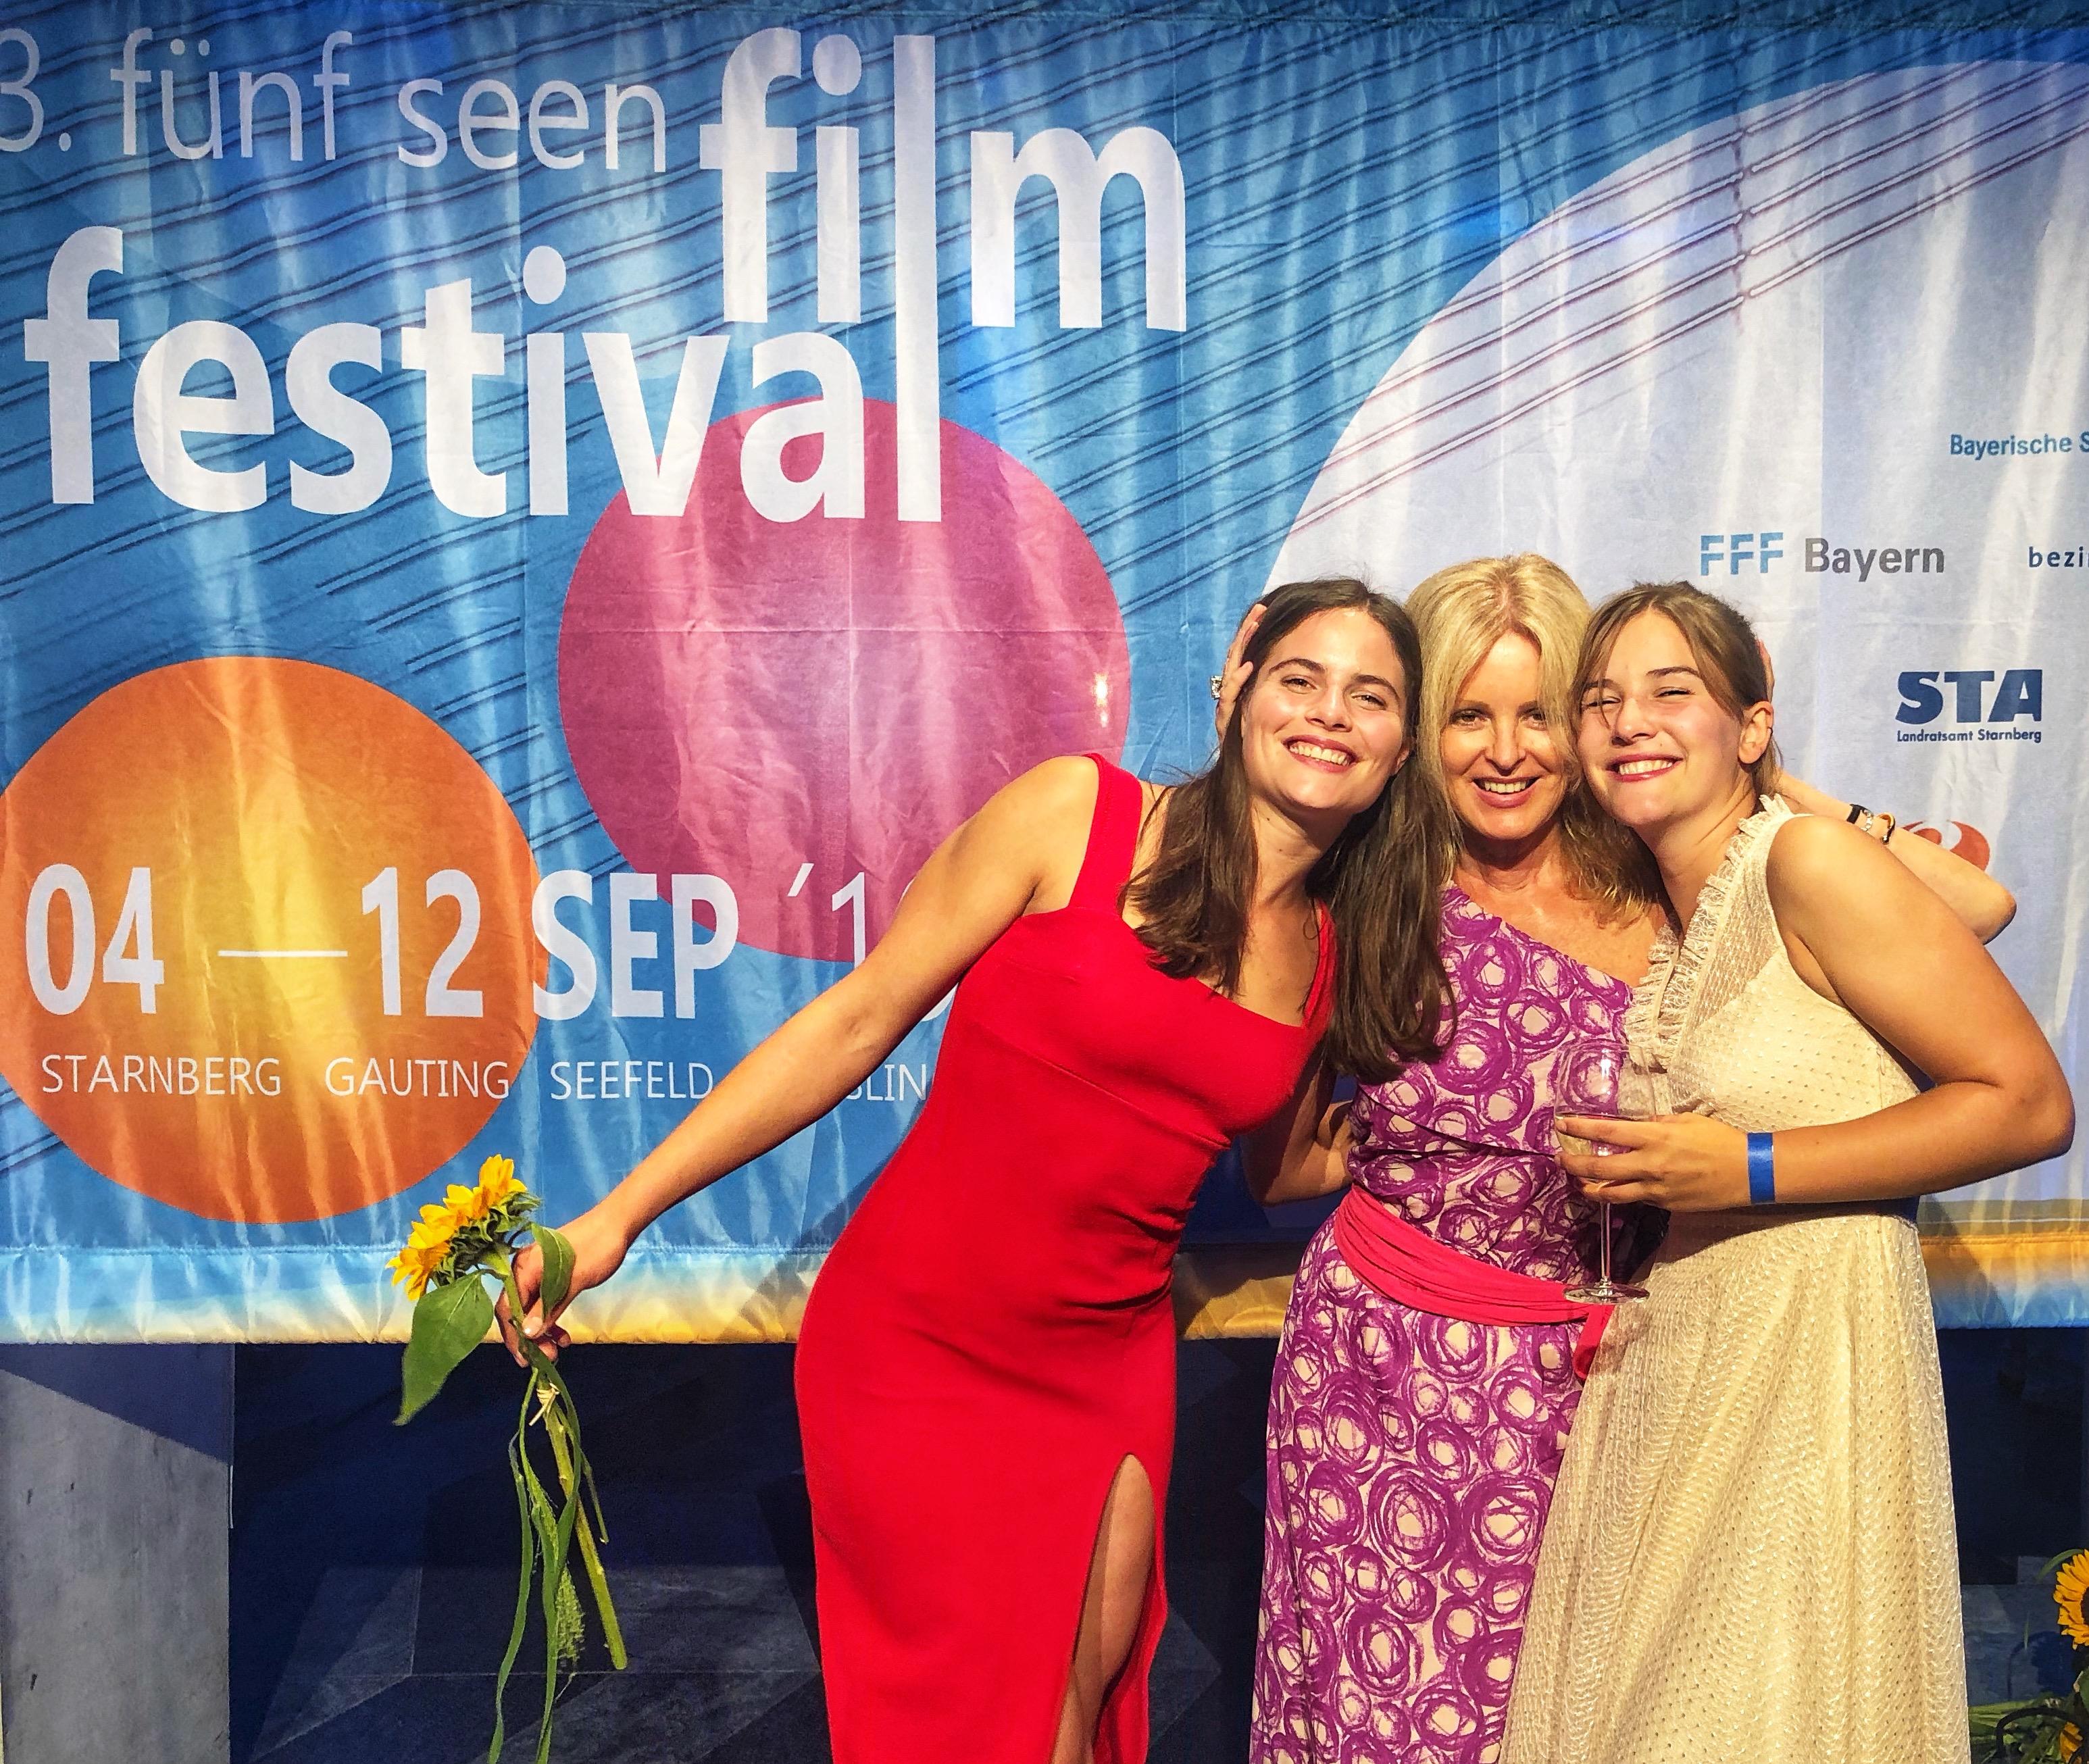 Lea Freund und Luise Hipp im Eröffnungsfilm des Fünf Seen Film Festivals